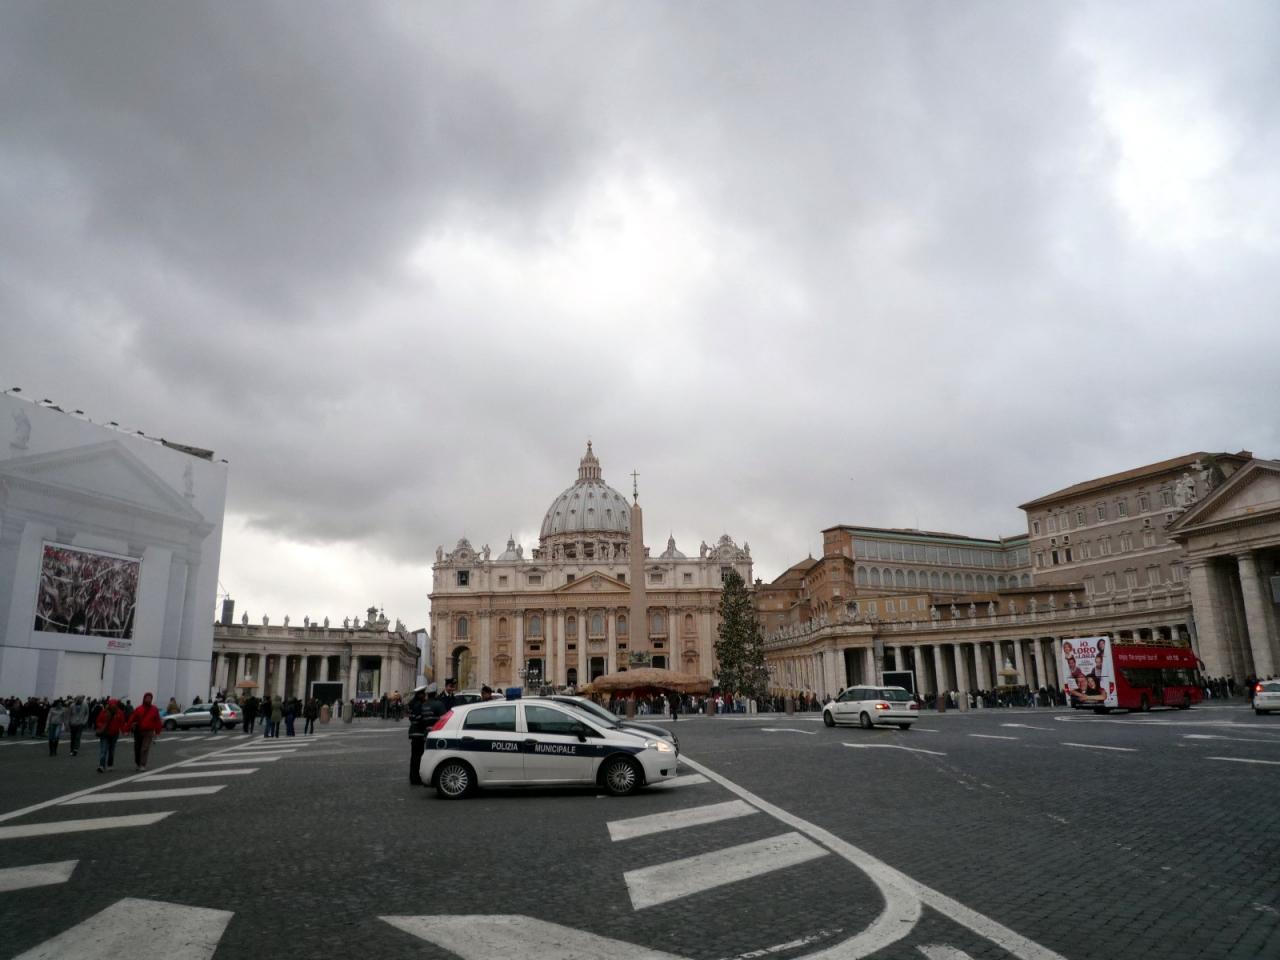 年末年始イタリア④カトリック総本山サン・ピエトロ大聖堂 1月1日の夜景